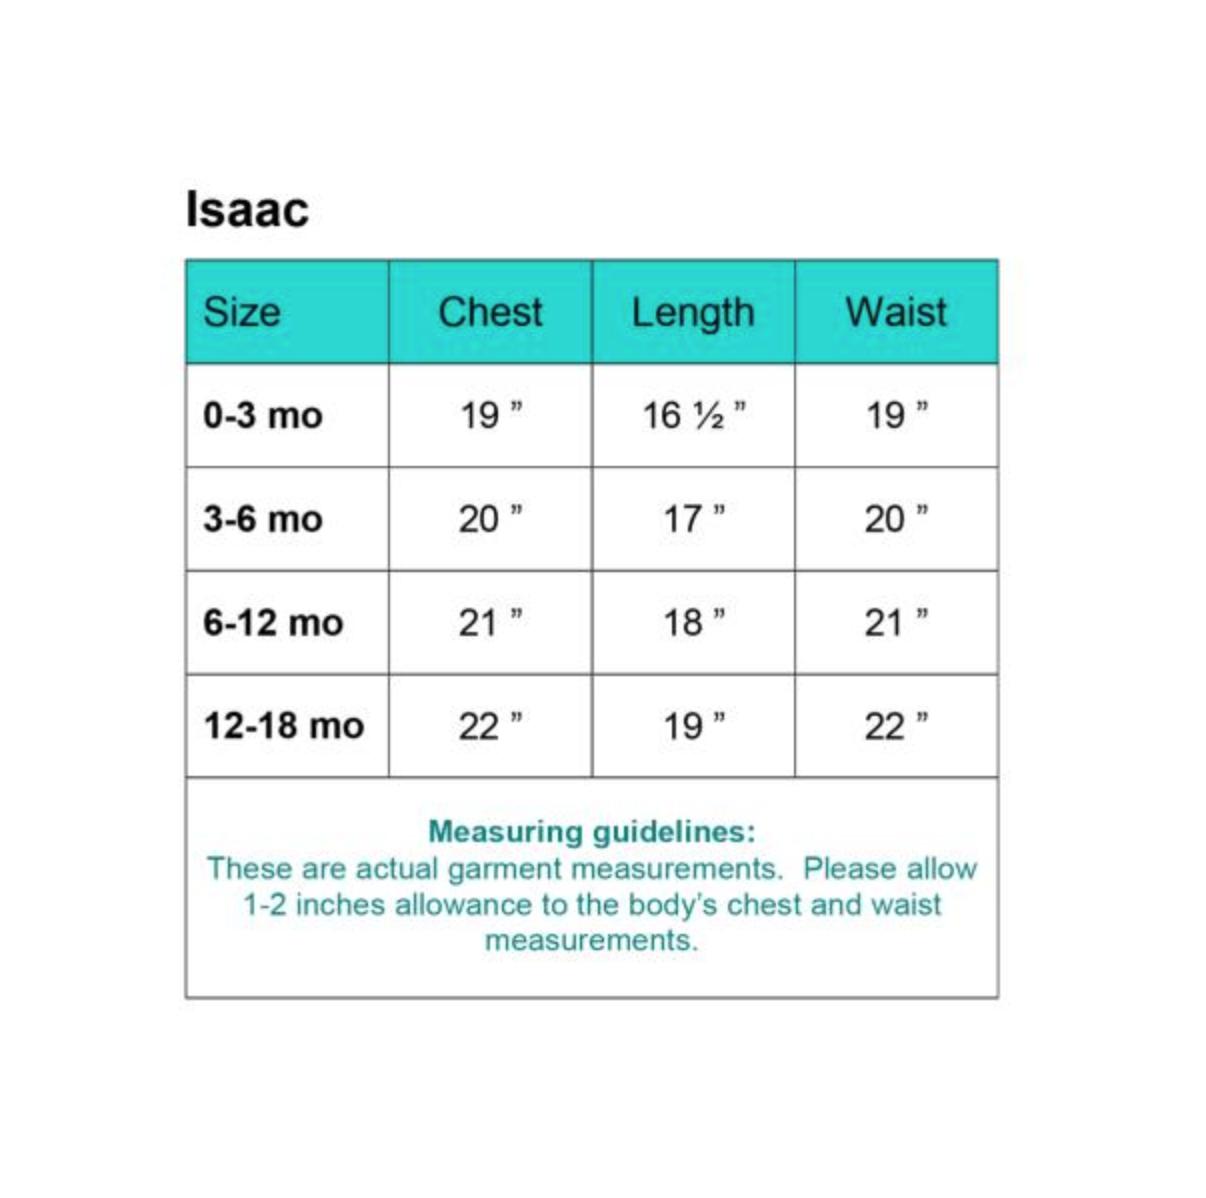 sizing-chart-isaac.png